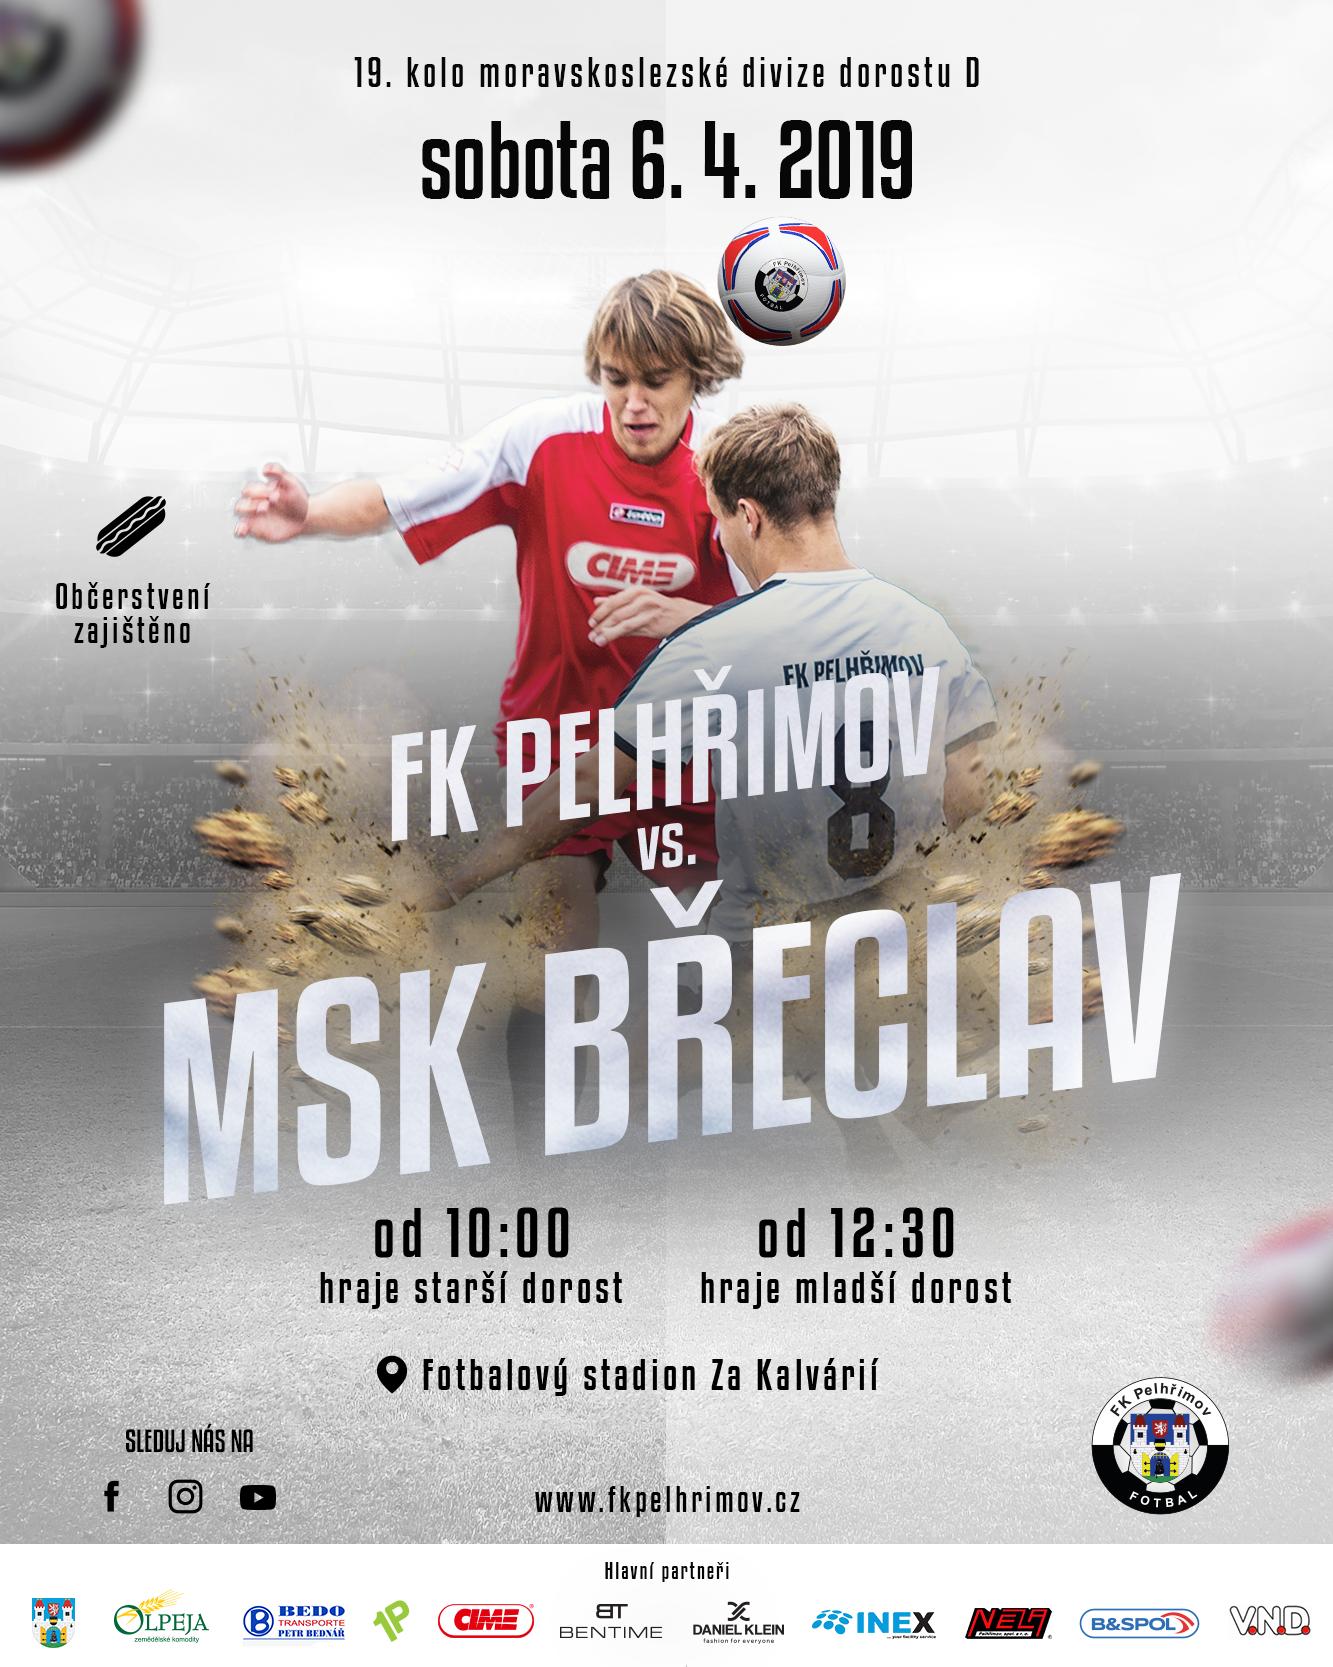 Plakát na utkání FK Pelhřimov – MSK Břeclav (2019-04-06, moravskoslezská divize dorostu sk. D)